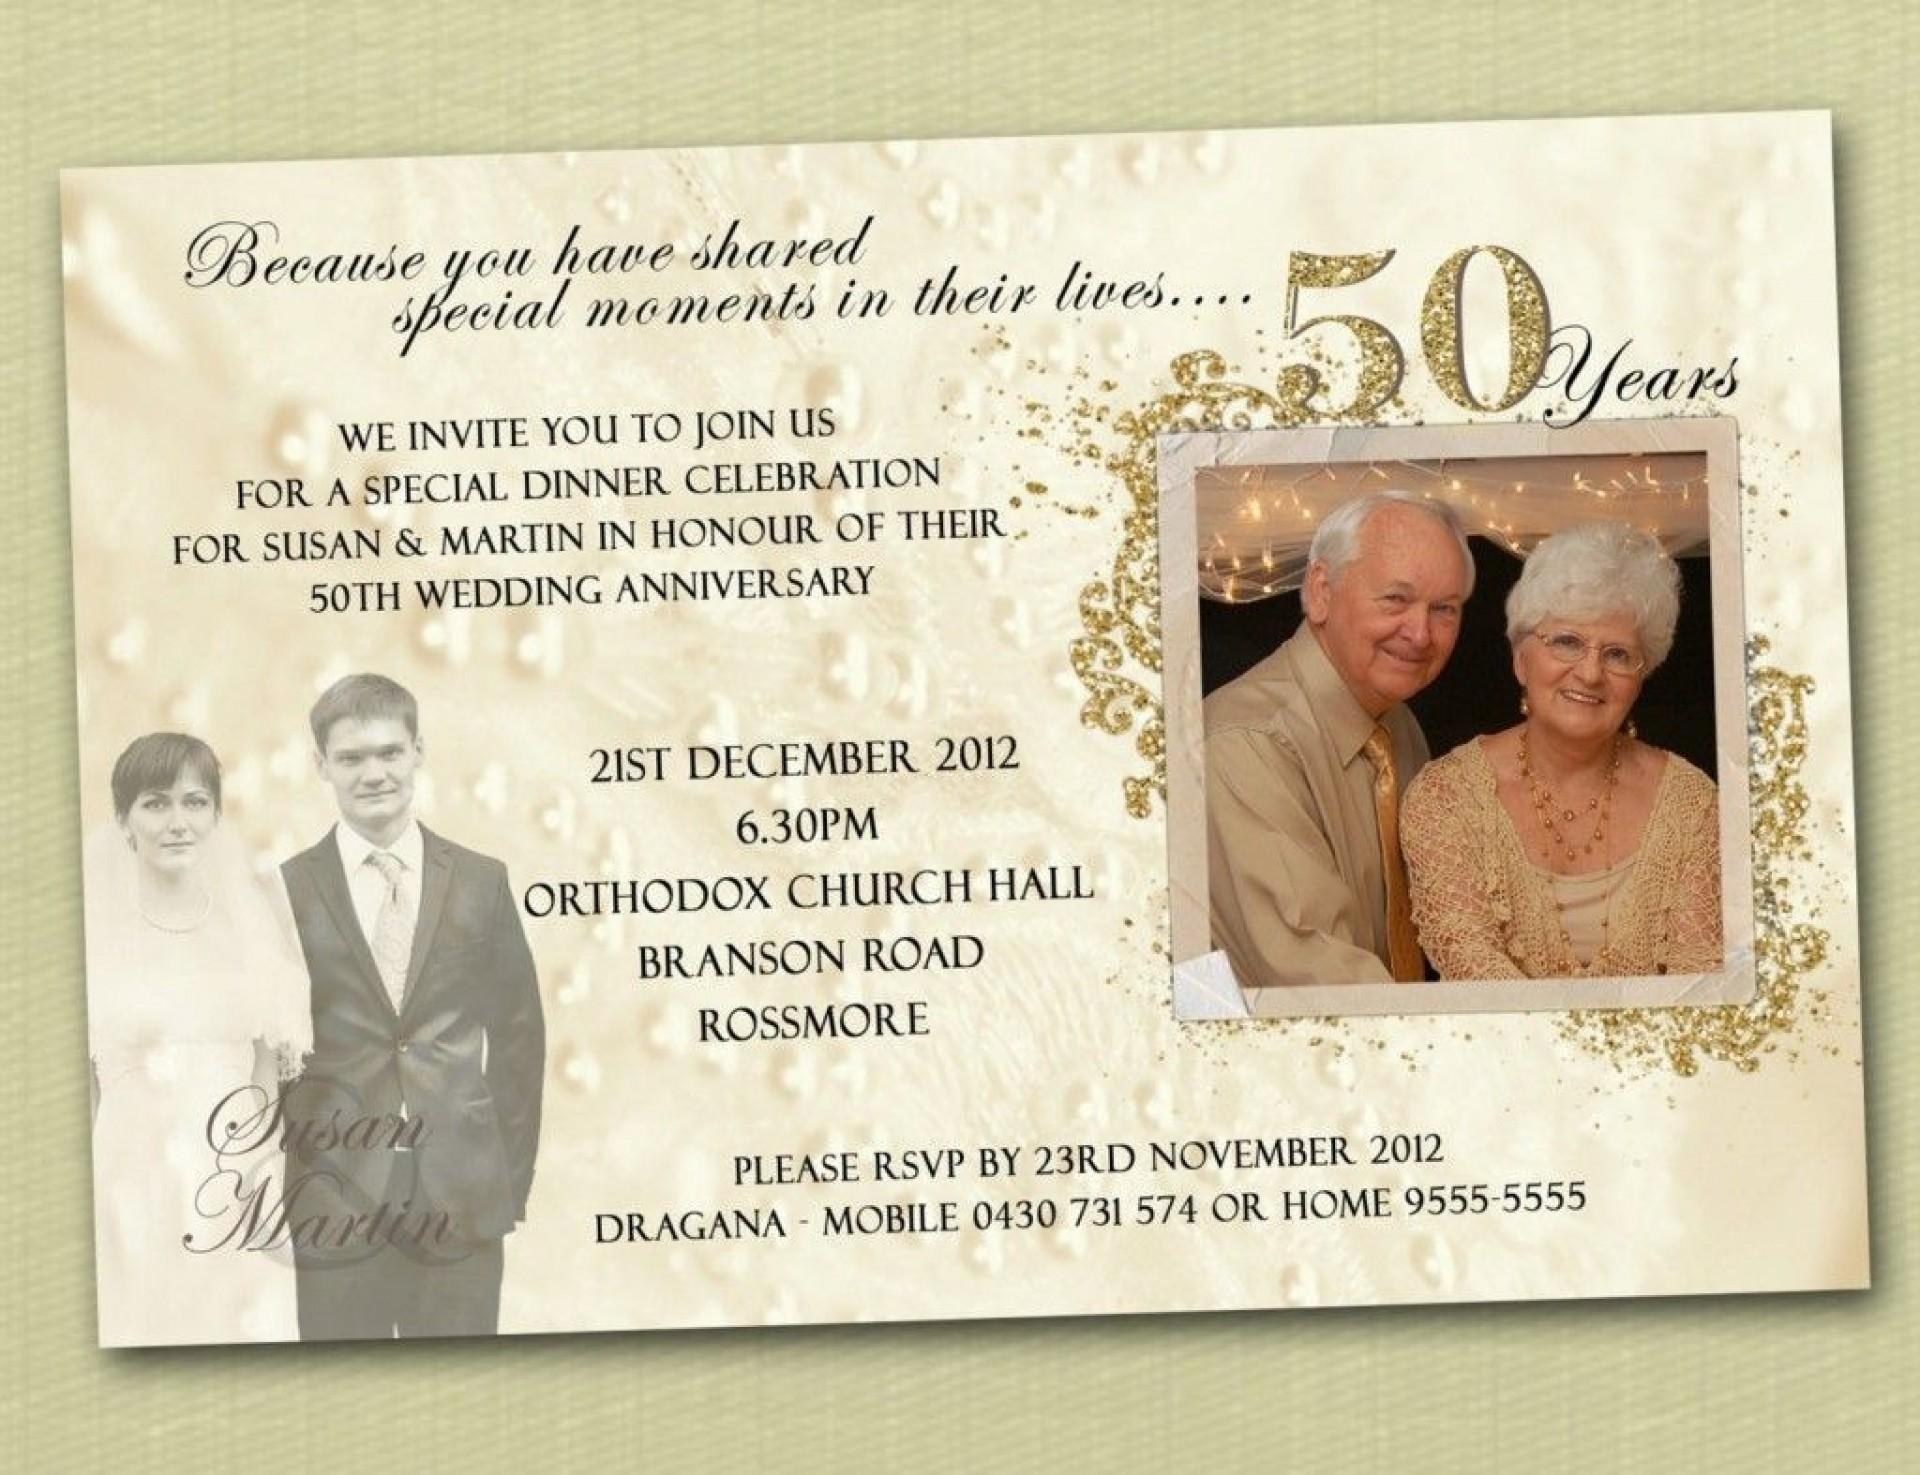 008 Stupendou 50th Anniversary Invitation Card Template Photo  Templates Free1920